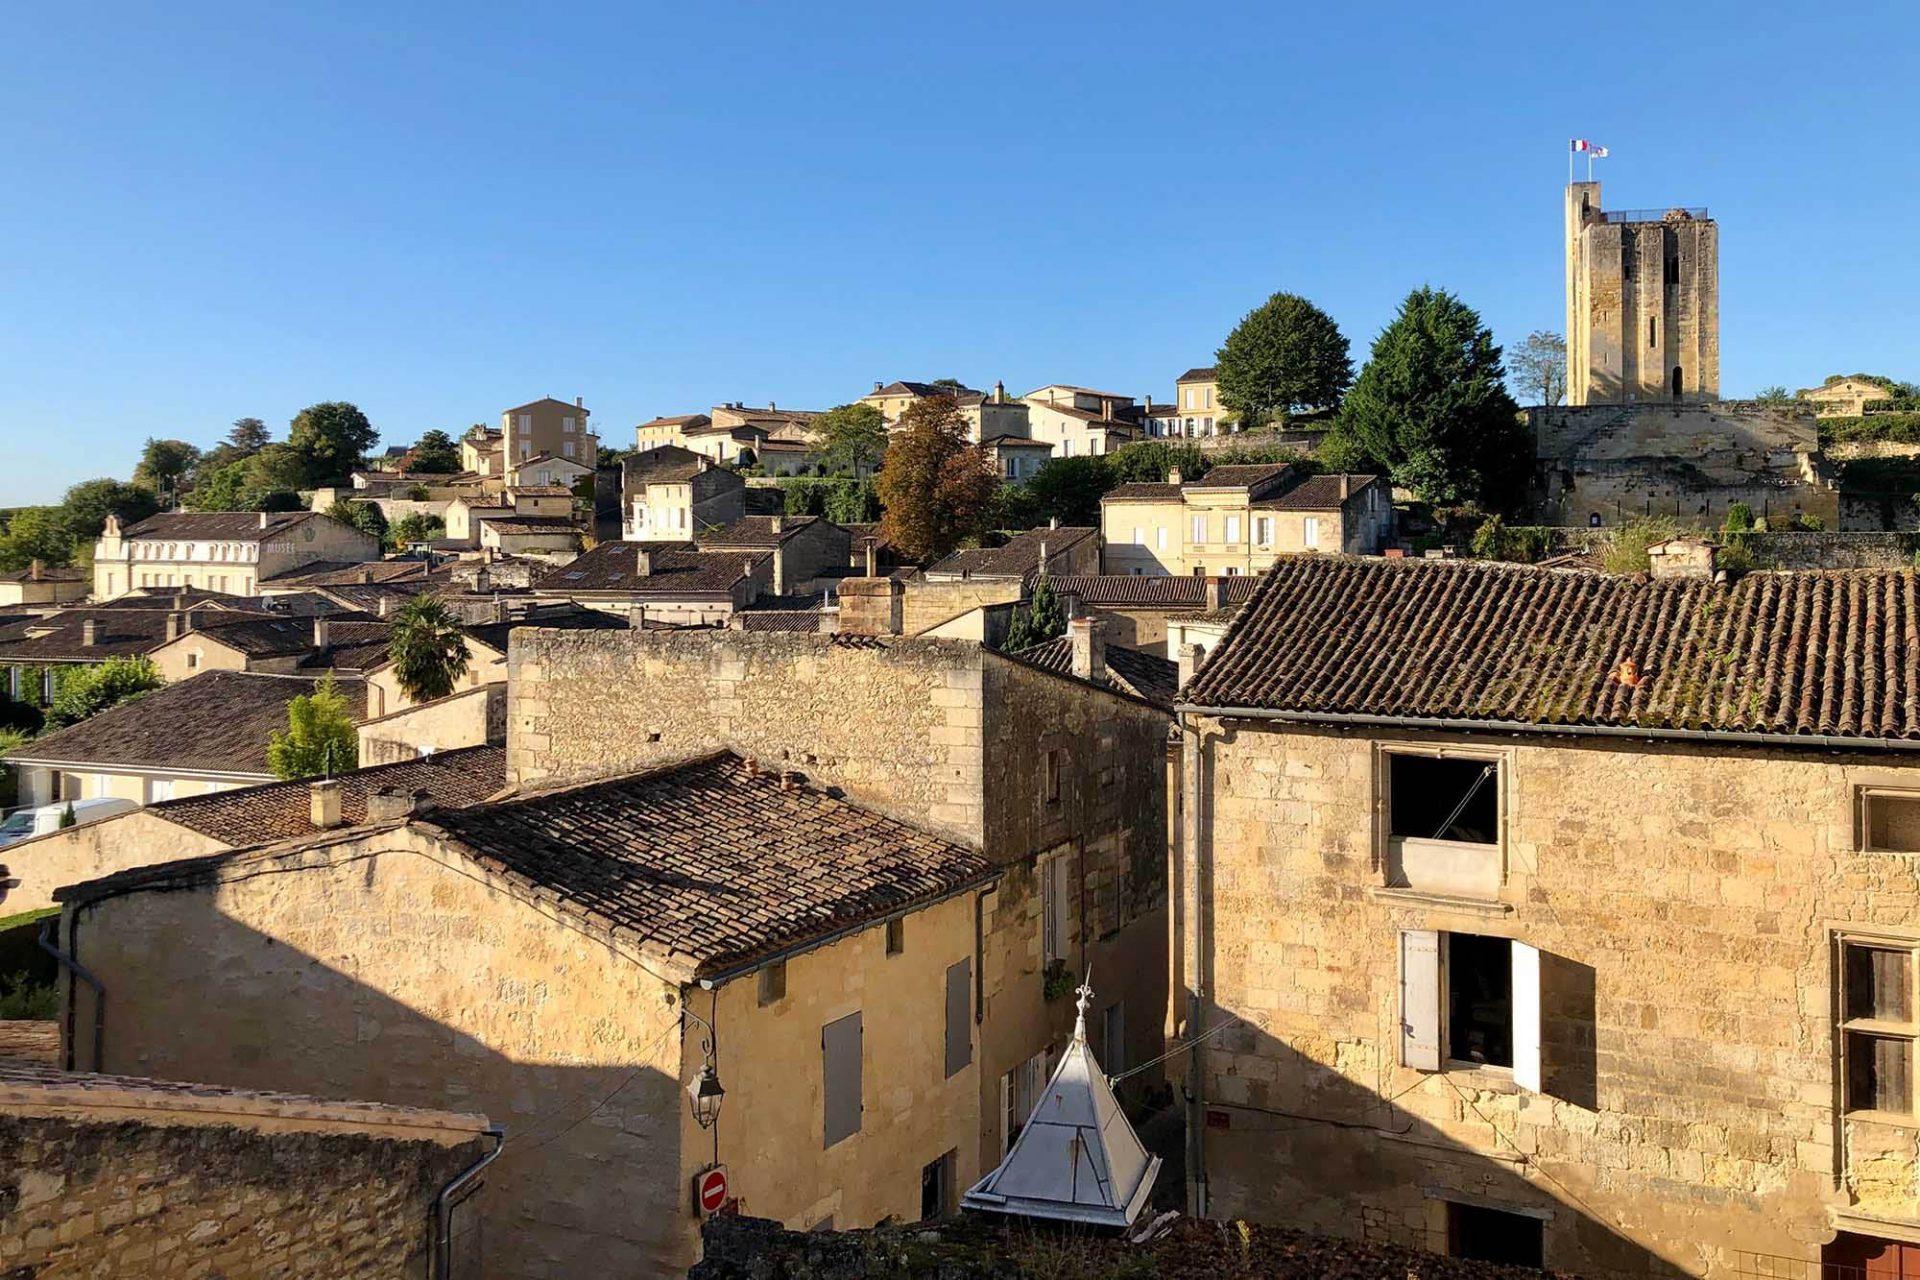 Saint-Émilion. Der kleine Ort zählt mit seiner umgebenden Landschaft, den scheinbar endlosen Weinreben und den zahlreichen Weingütern seit 1999 zum UNESCO Weltkulturerbe.